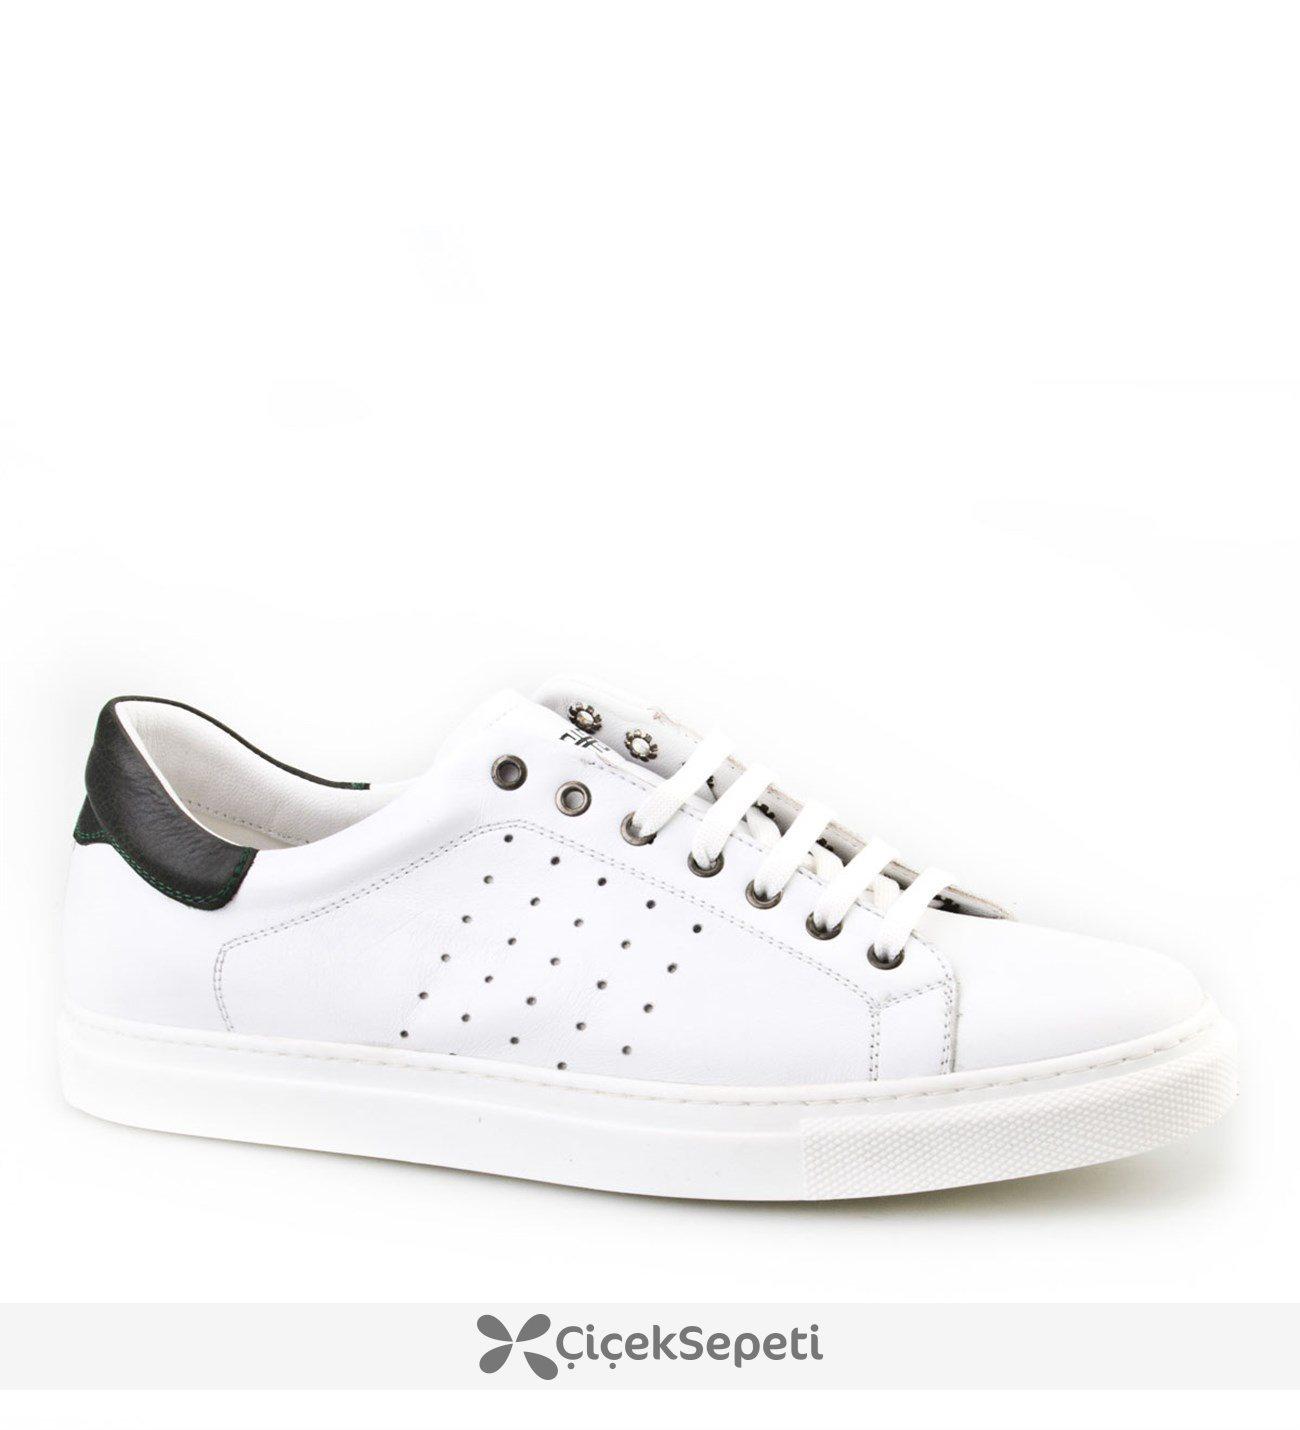 Cabani Bağcıklı Günlük Erkek Ayakkabı Beyaz Napa Deri